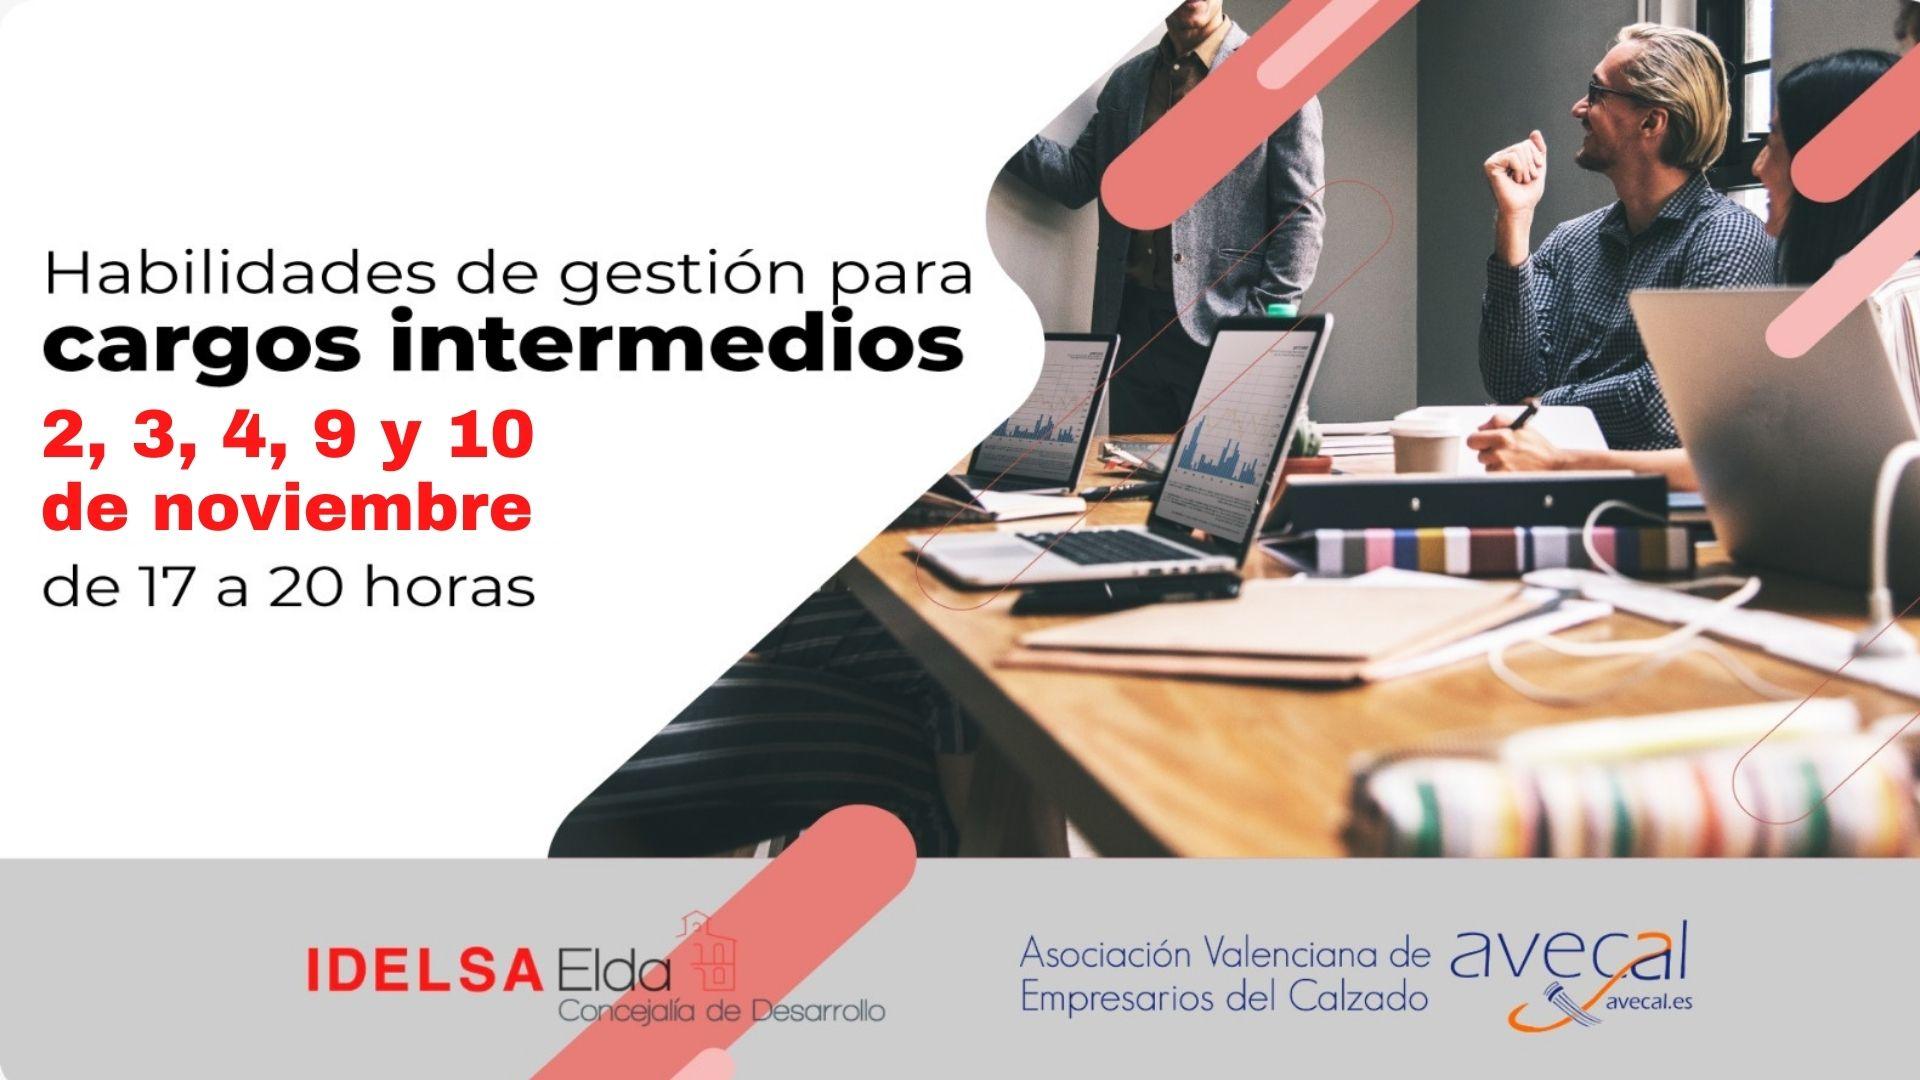 Fomento Económico y Avecal organizan una segunda edición del curso de formación para cargos intermedios de la industria del calzado